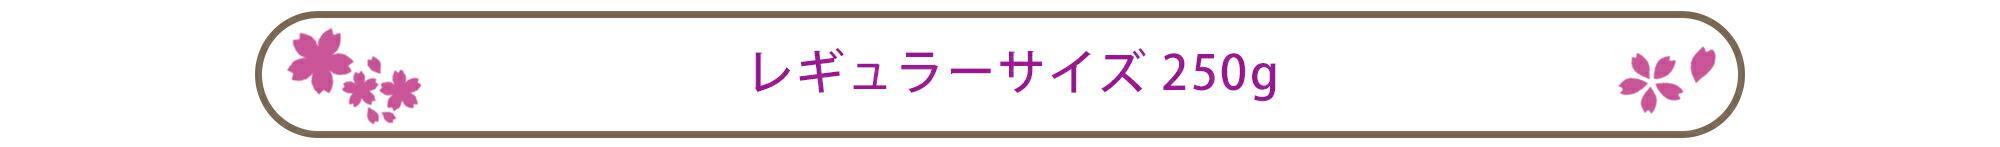 舞妓はんのおやつ キャンディピーカン250g